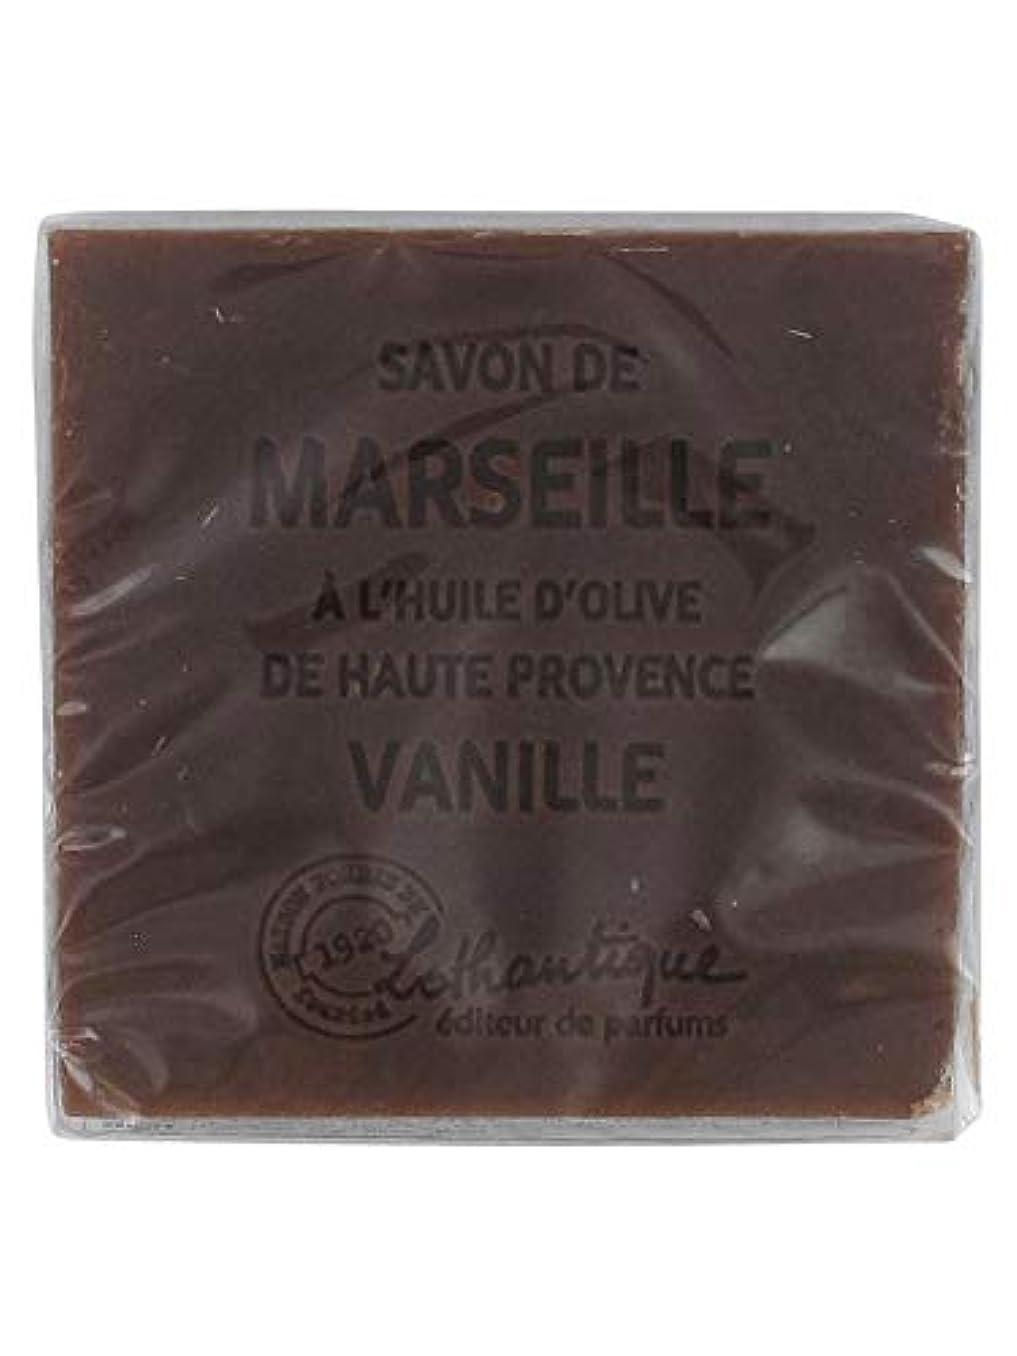 知事ボランティア手足Lothantique(ロタンティック) Les savons de Marseille(マルセイユソープ) マルセイユソープ 100g 「バニラ」 3420070038005